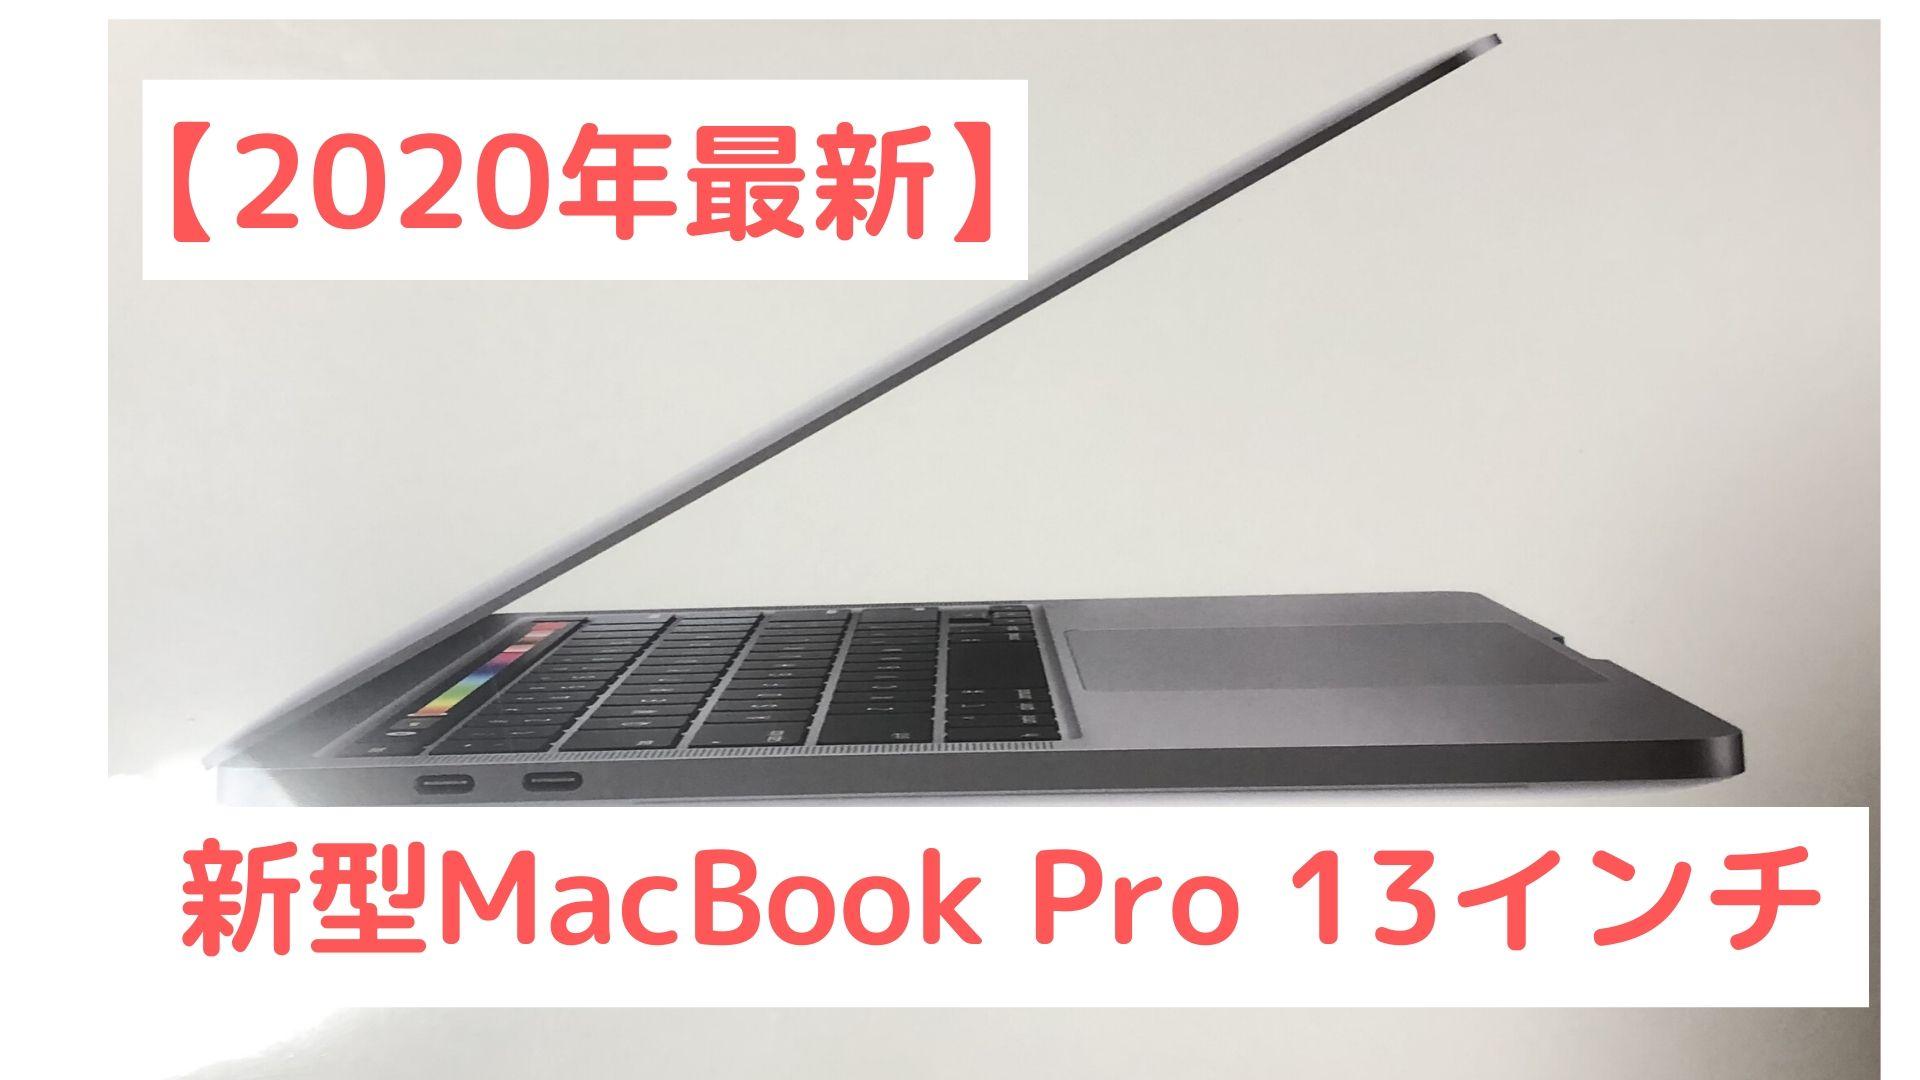 2020年新型MacBook Pro 13インチレビュー